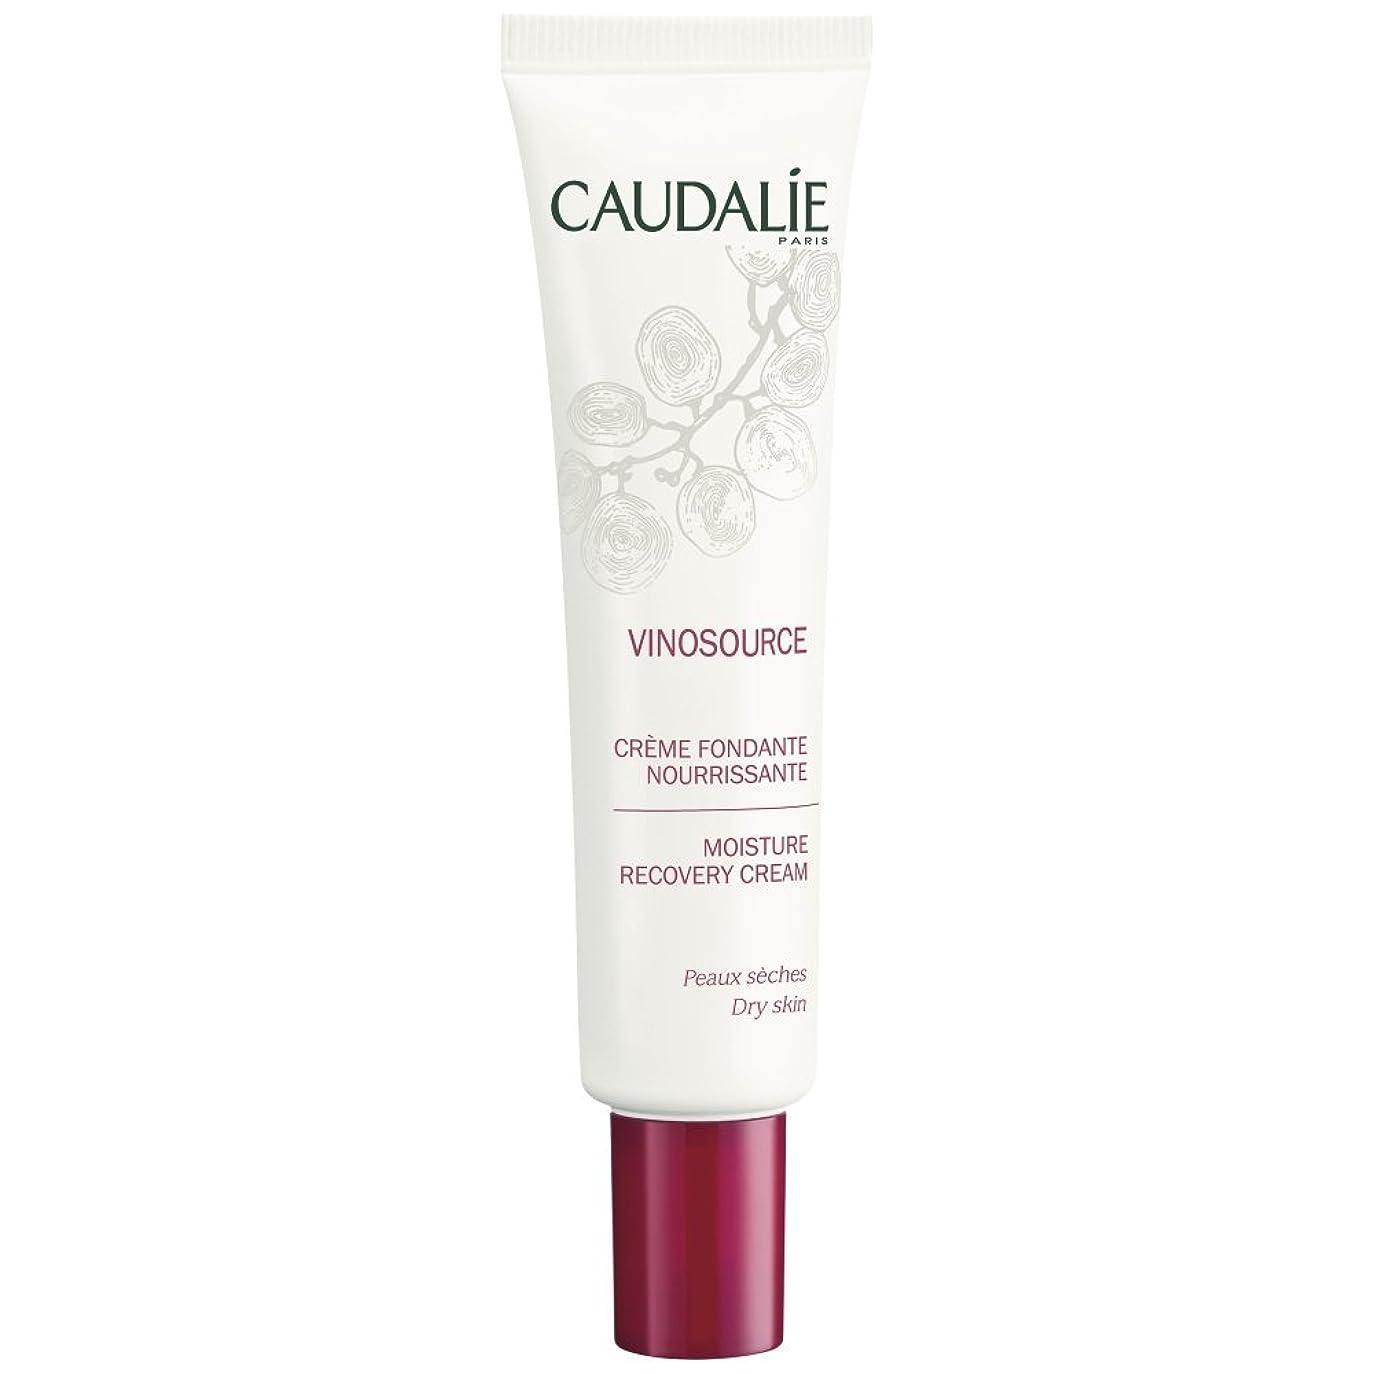 運営スイング楽しませるコーダリーVinosource水分回復クリーム、40ミリリットル (Caudalie) (x2) - Caudalie Vinosource Moisture Recovery Cream, 40ml (Pack of 2) [並行輸入品]